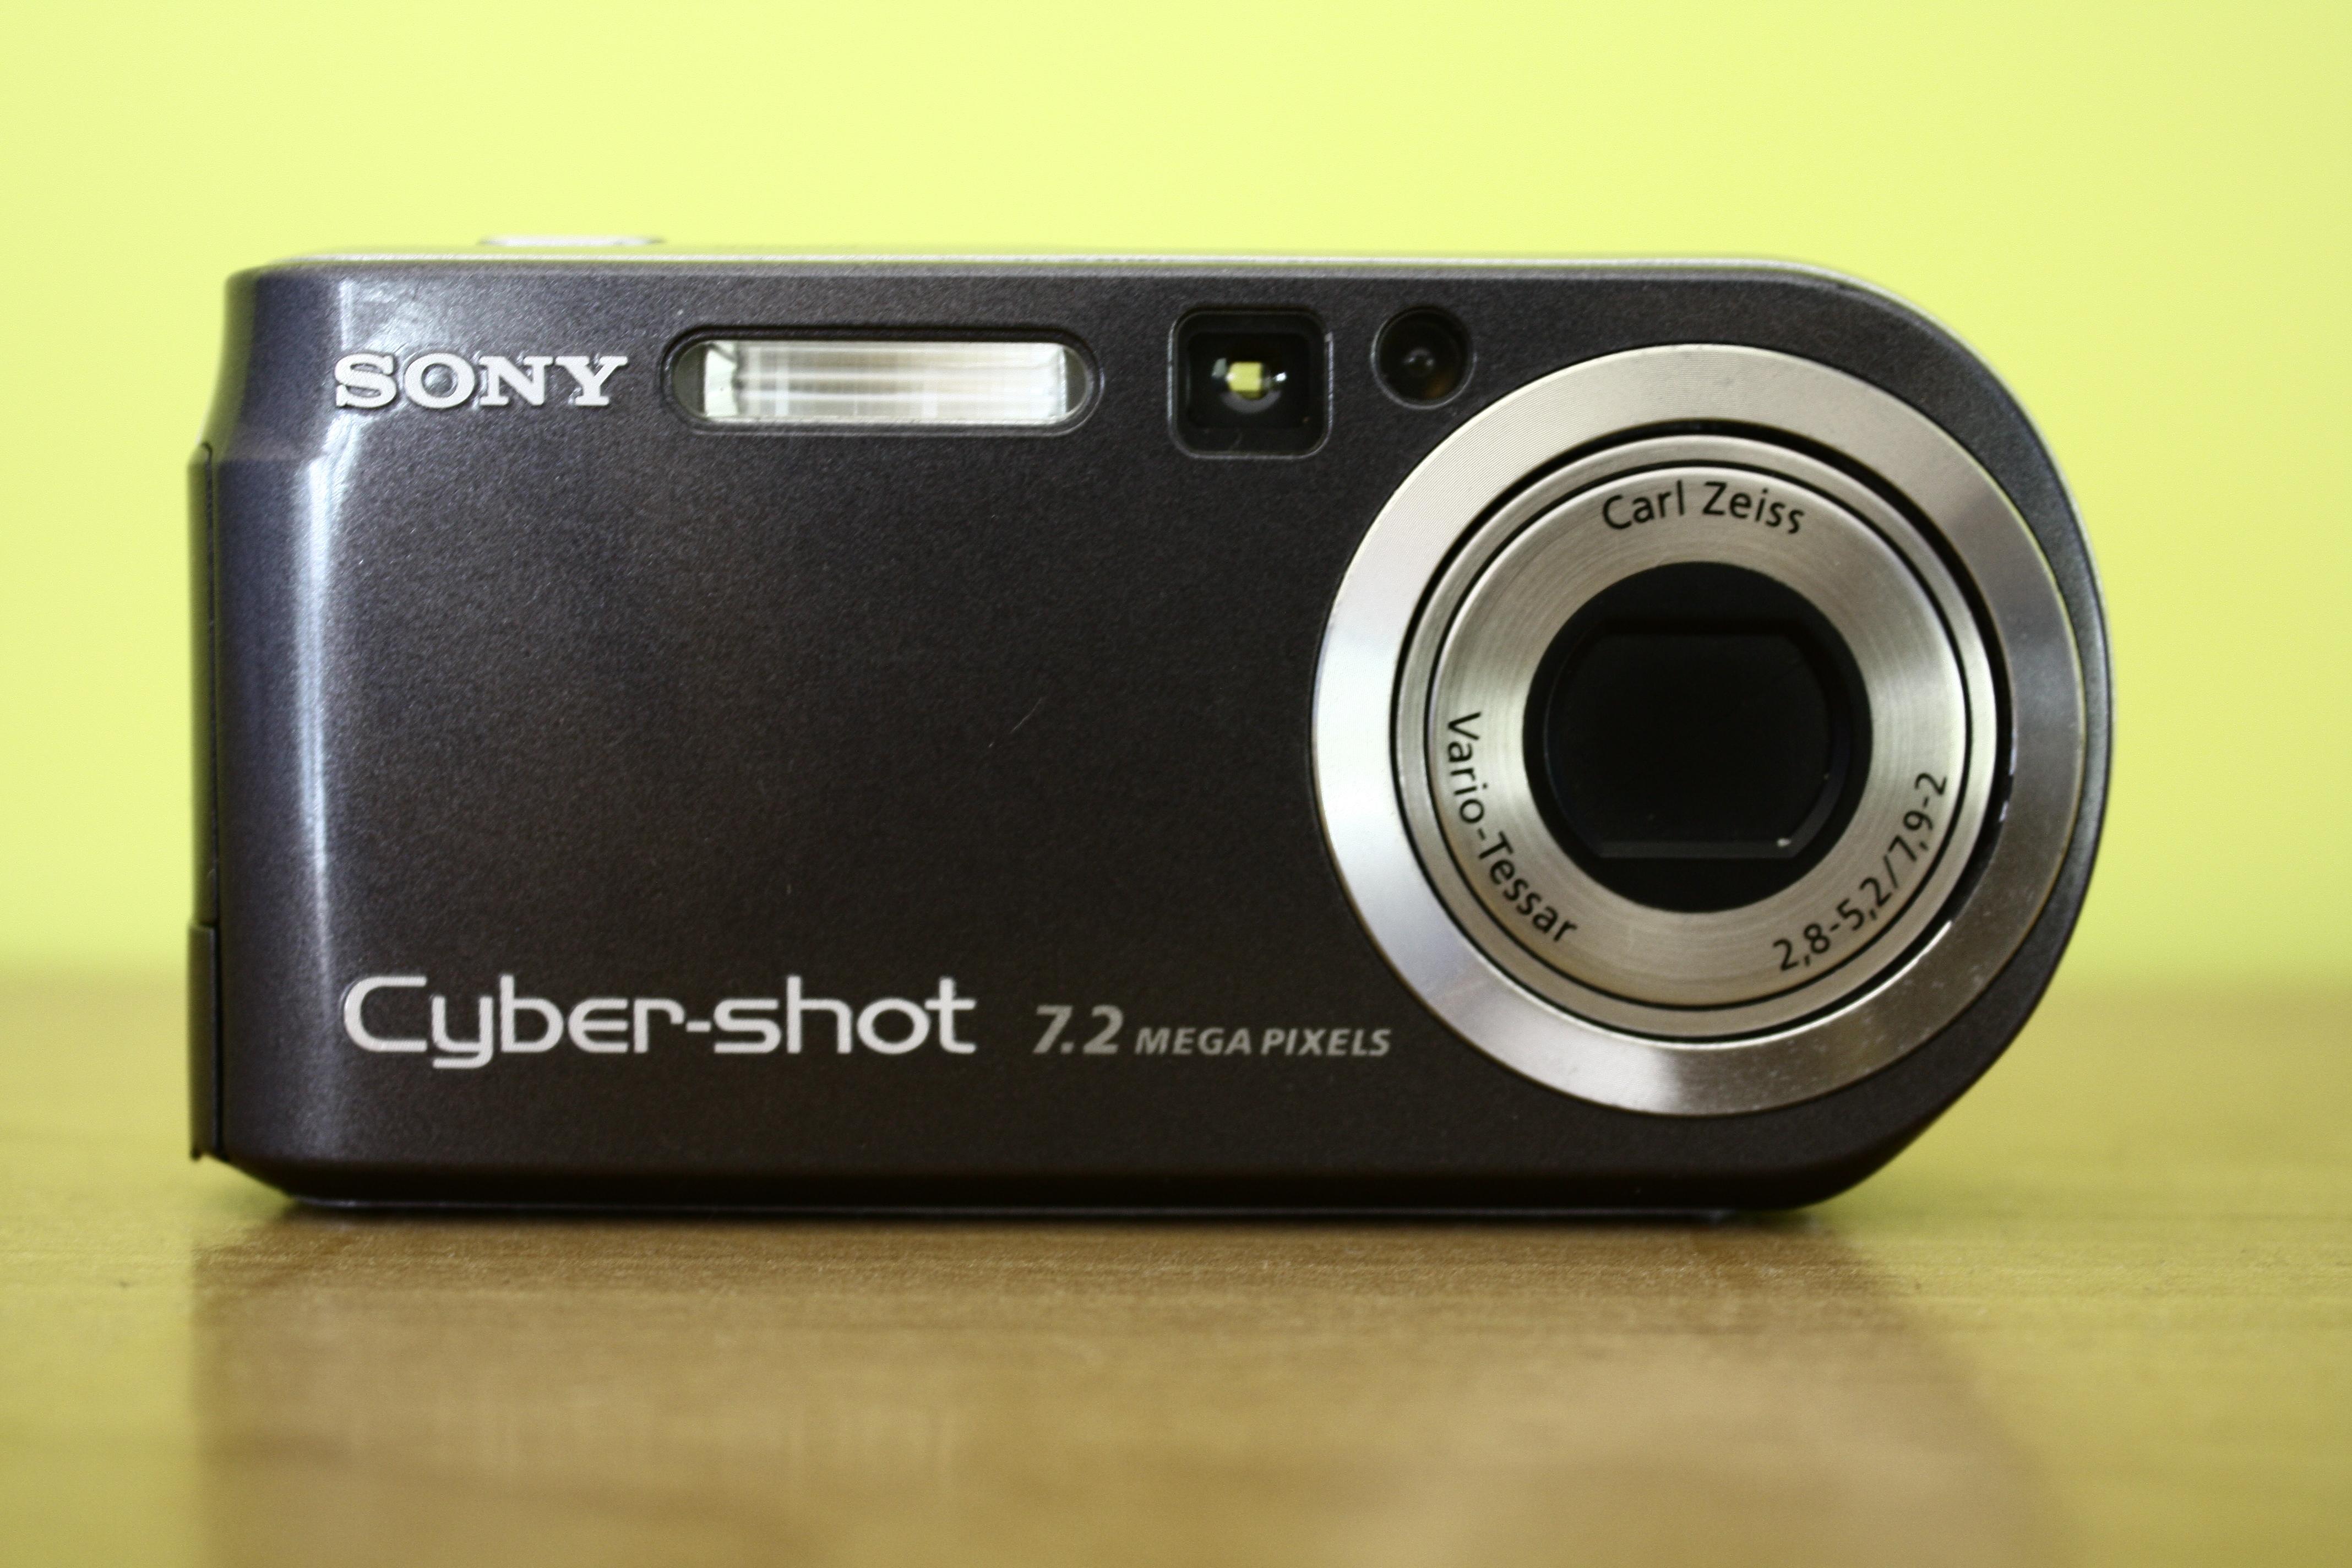 Sony dsc-p200 7. 2-megapixel digital camera at crutchfield. Com.